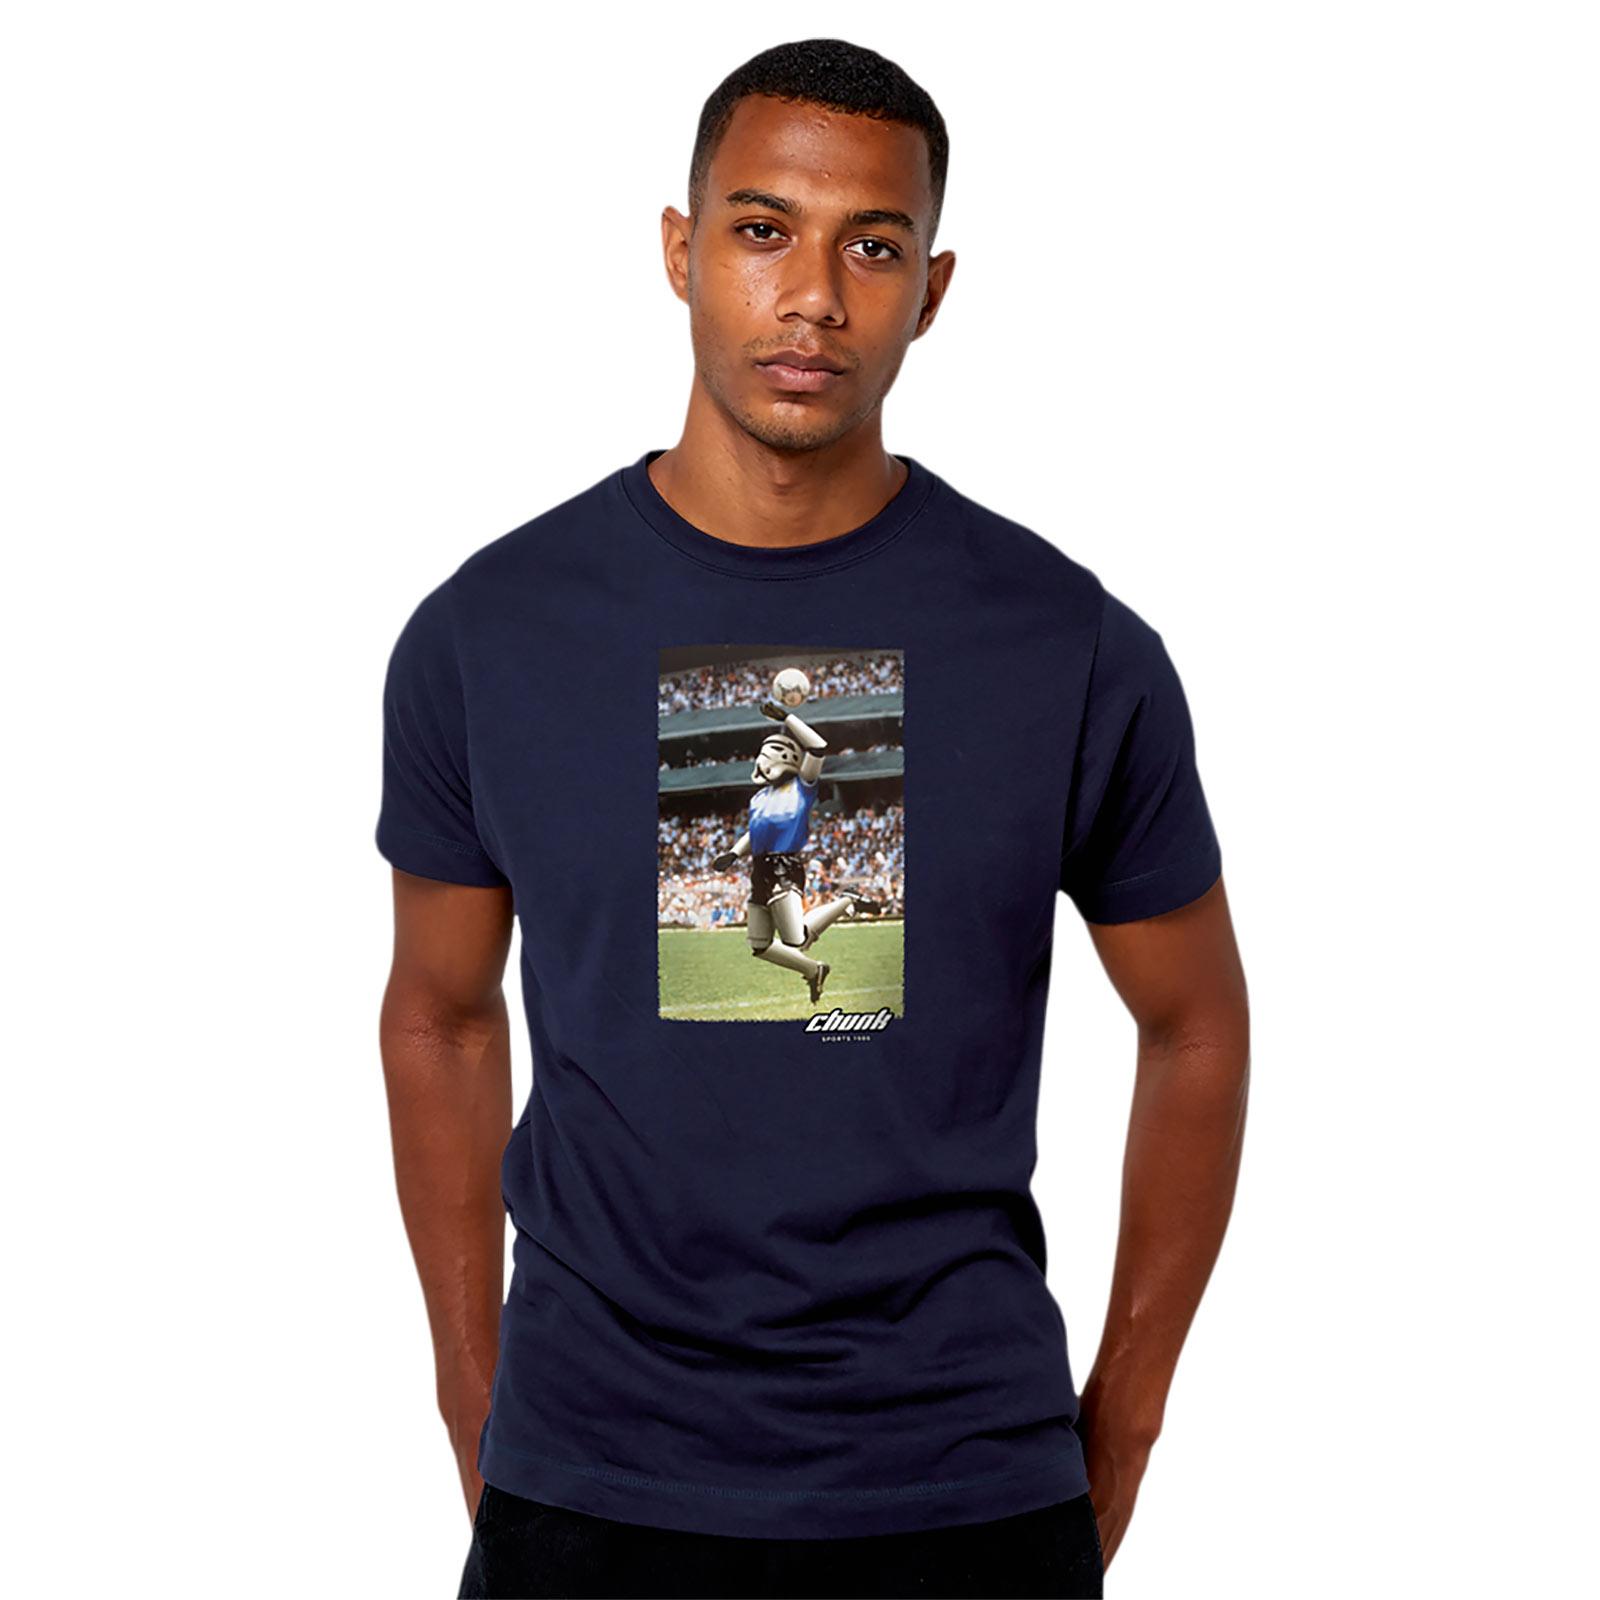 Hand of the Death T-Shirt für Star Wars Fans blau